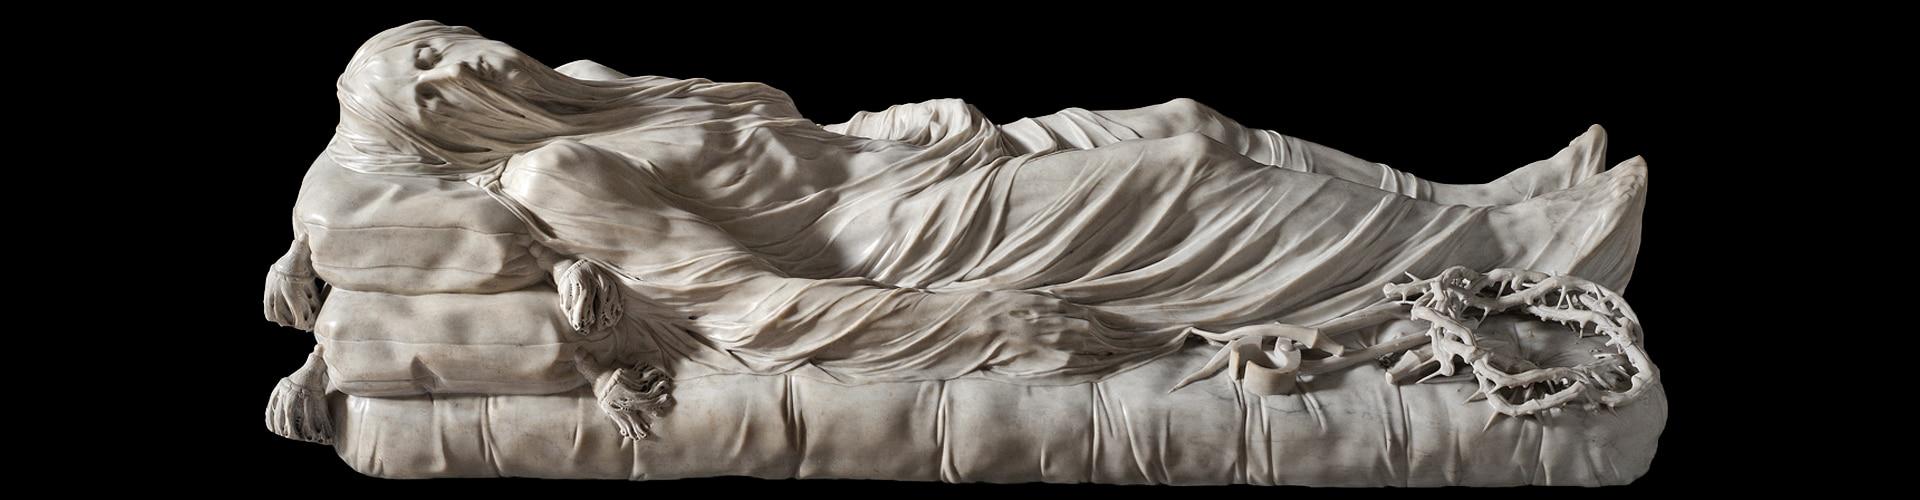 Chapelle Sansevero à Naples : Sculpture ou magie ? [Vieux naples]